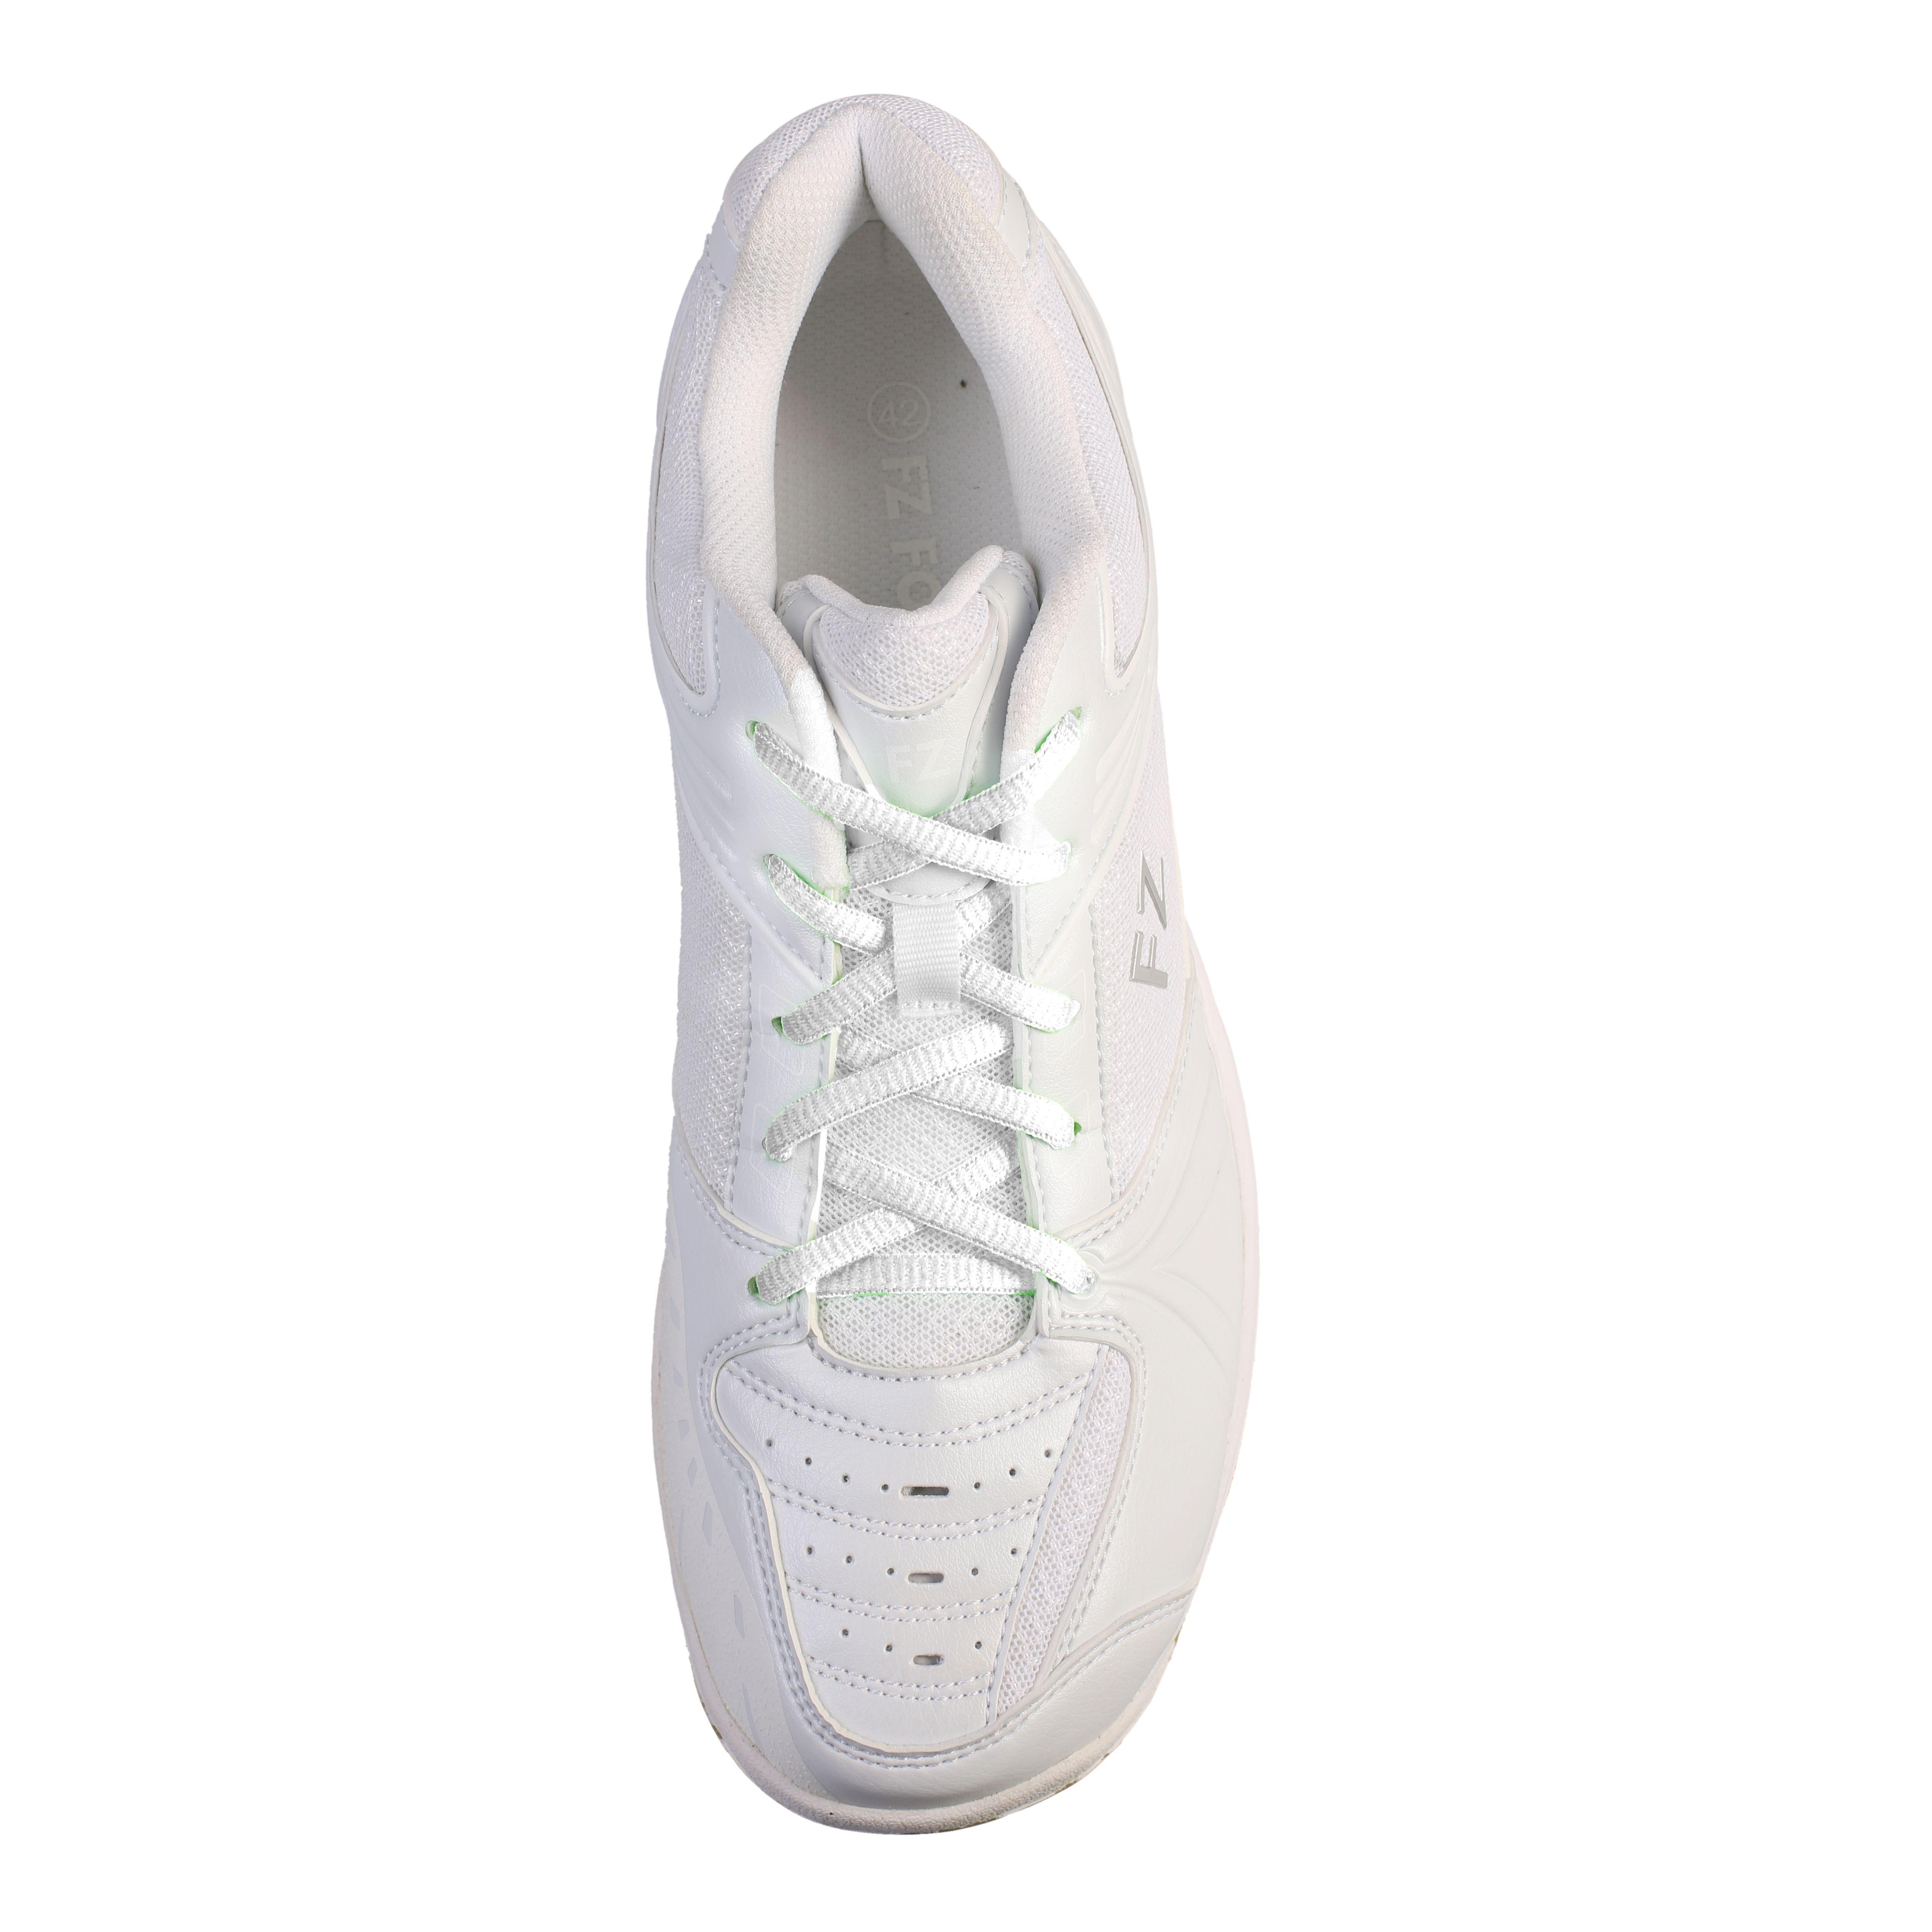 forza Chaussures de Badminton Femme fz Fierce Shoes 302415